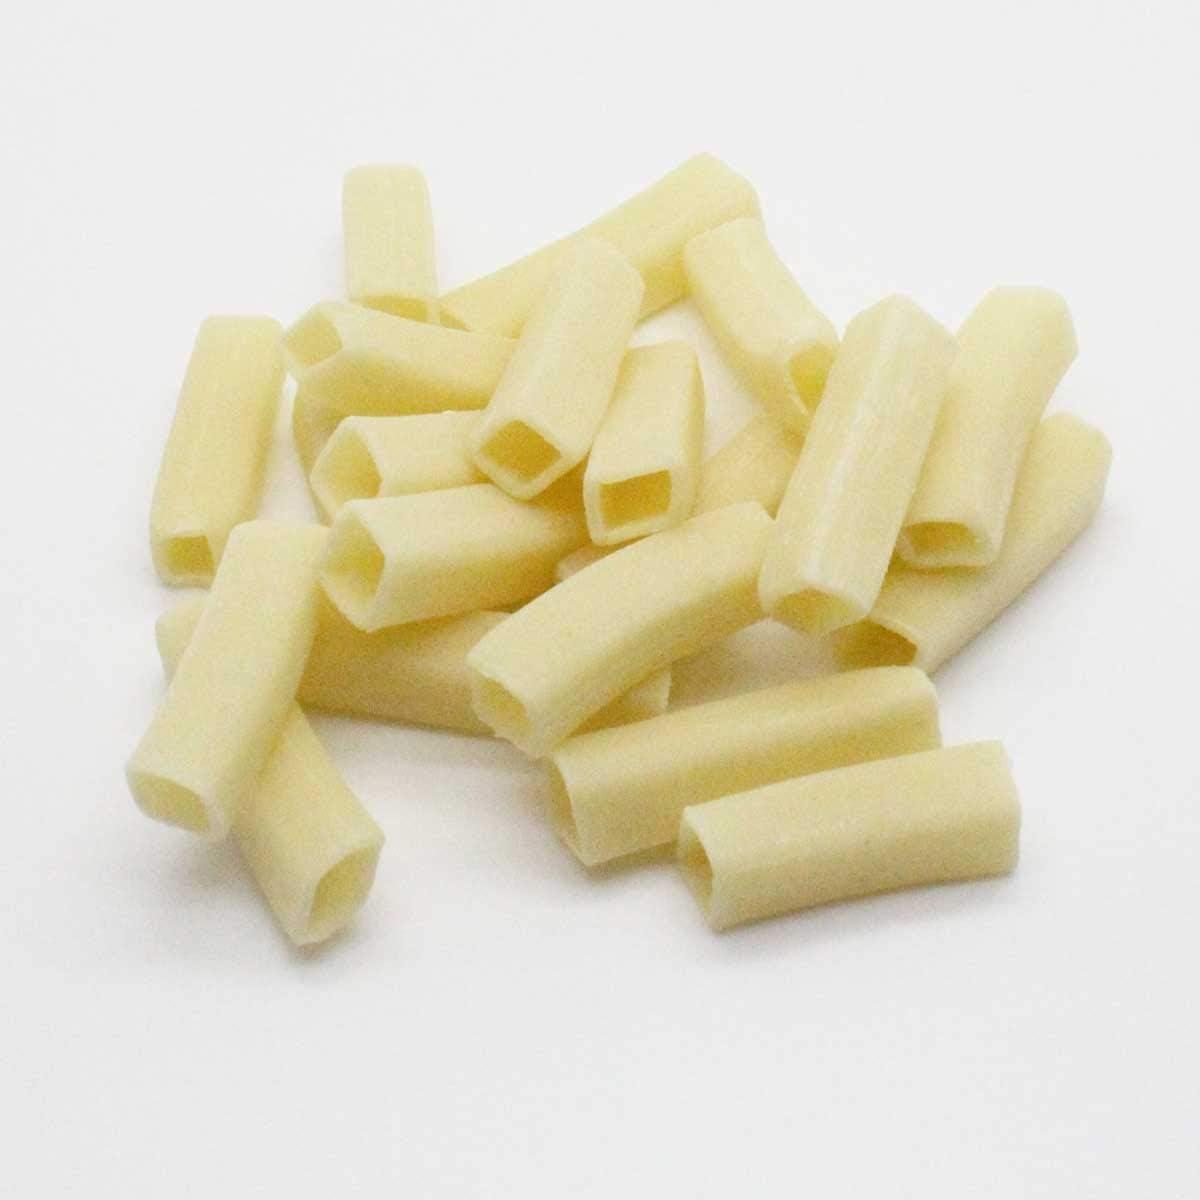 CAPO12 – Cabrestante de bronce n° 122 cuadrados compatible con Torchio Kenwood, Philips Pasta Maker y Viva Collection, SilverCrest Lidl, Simac, Ariete.: Amazon.es: Hogar